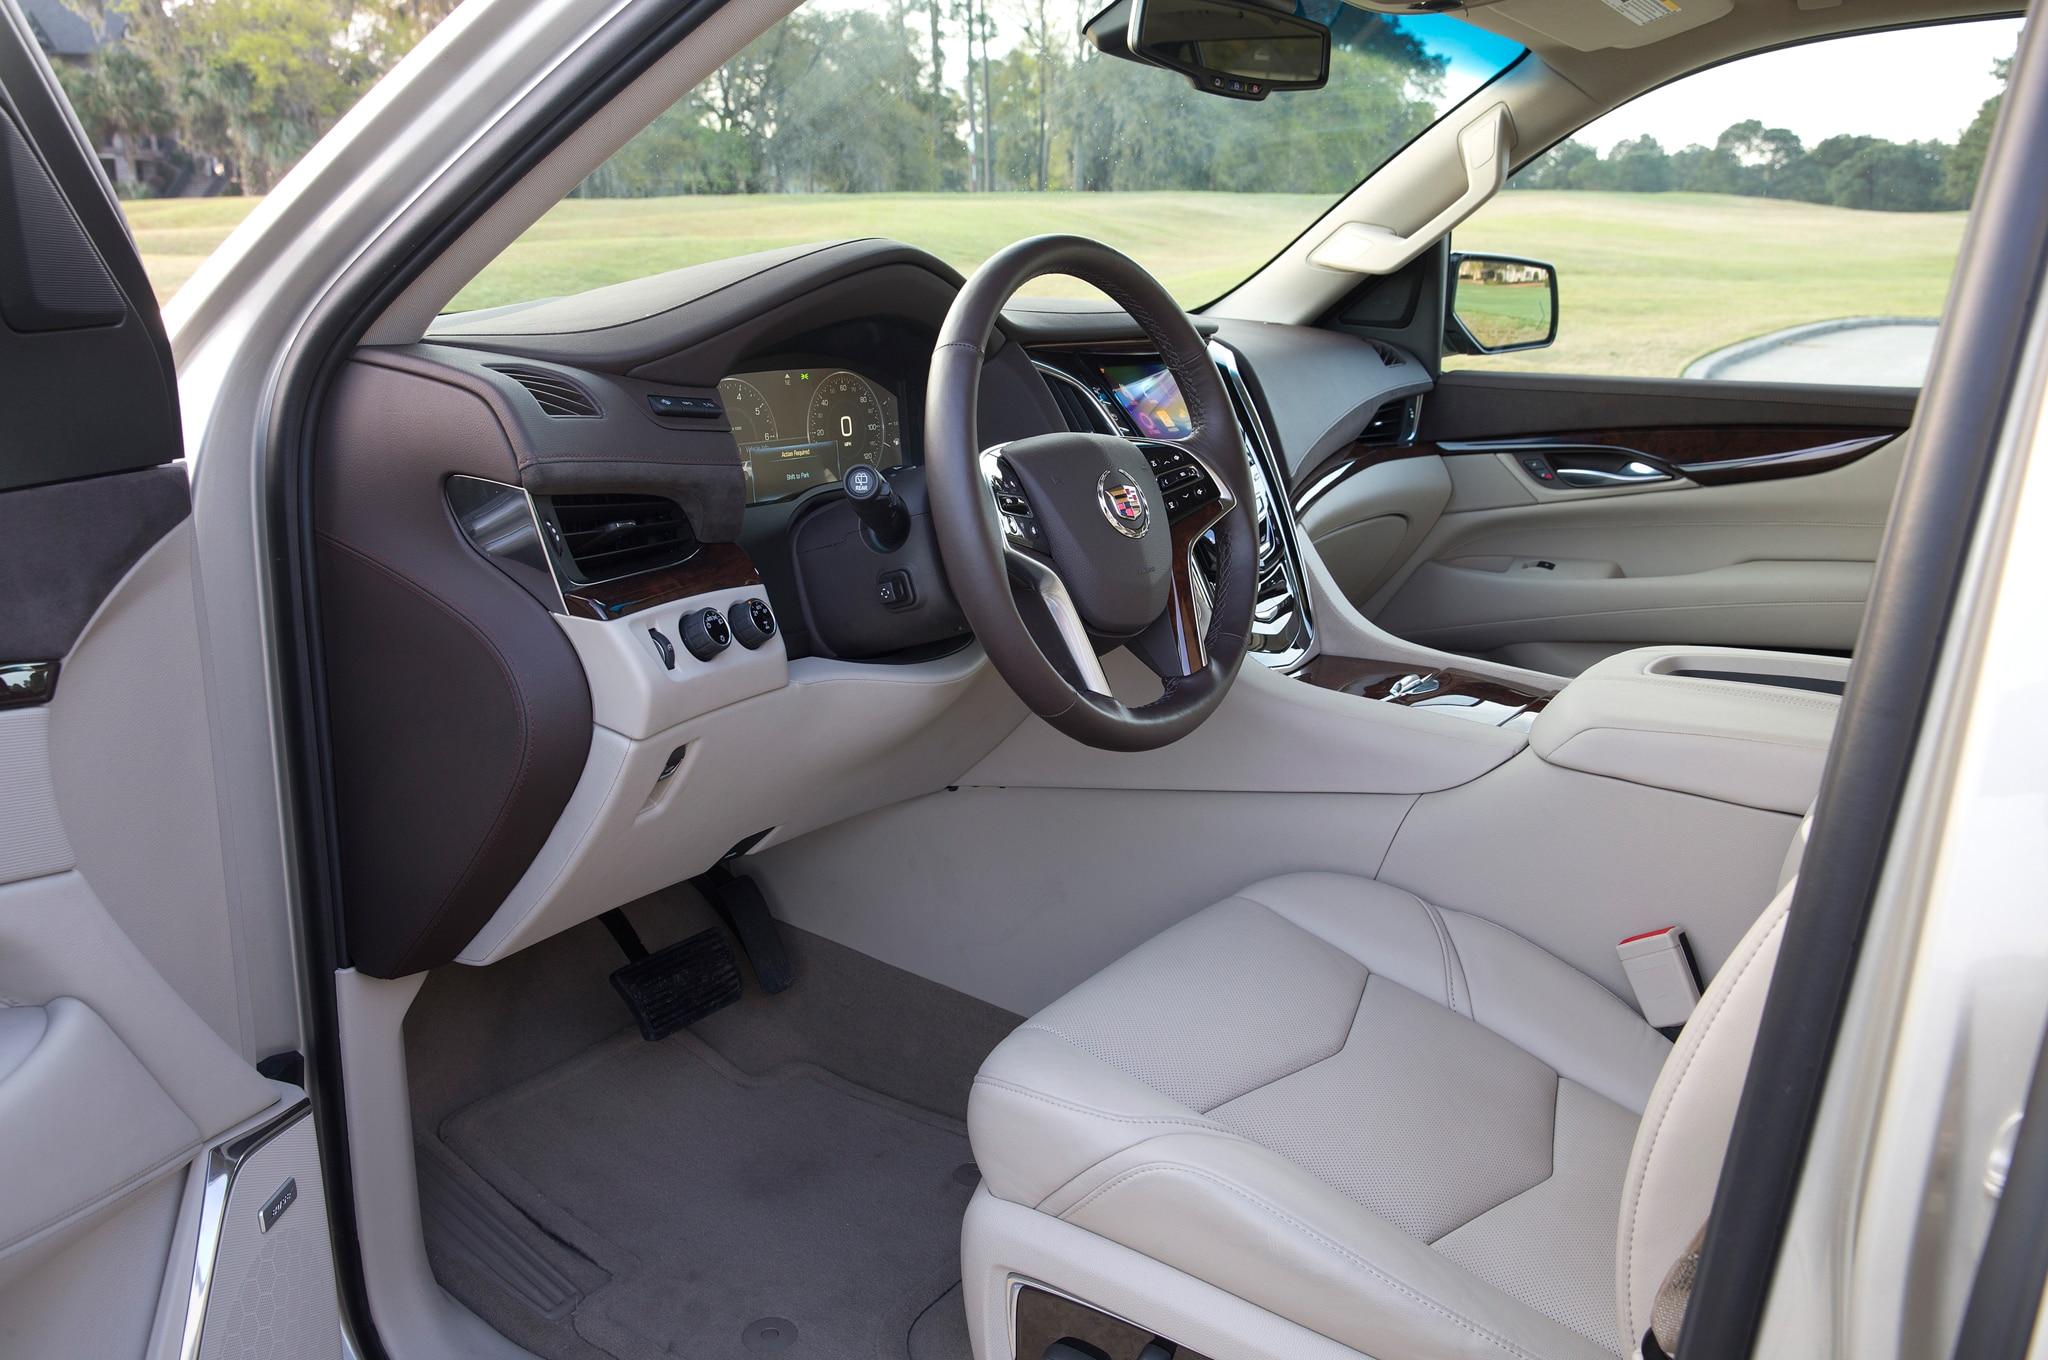 2015 Cadillac Escalade. 28 188